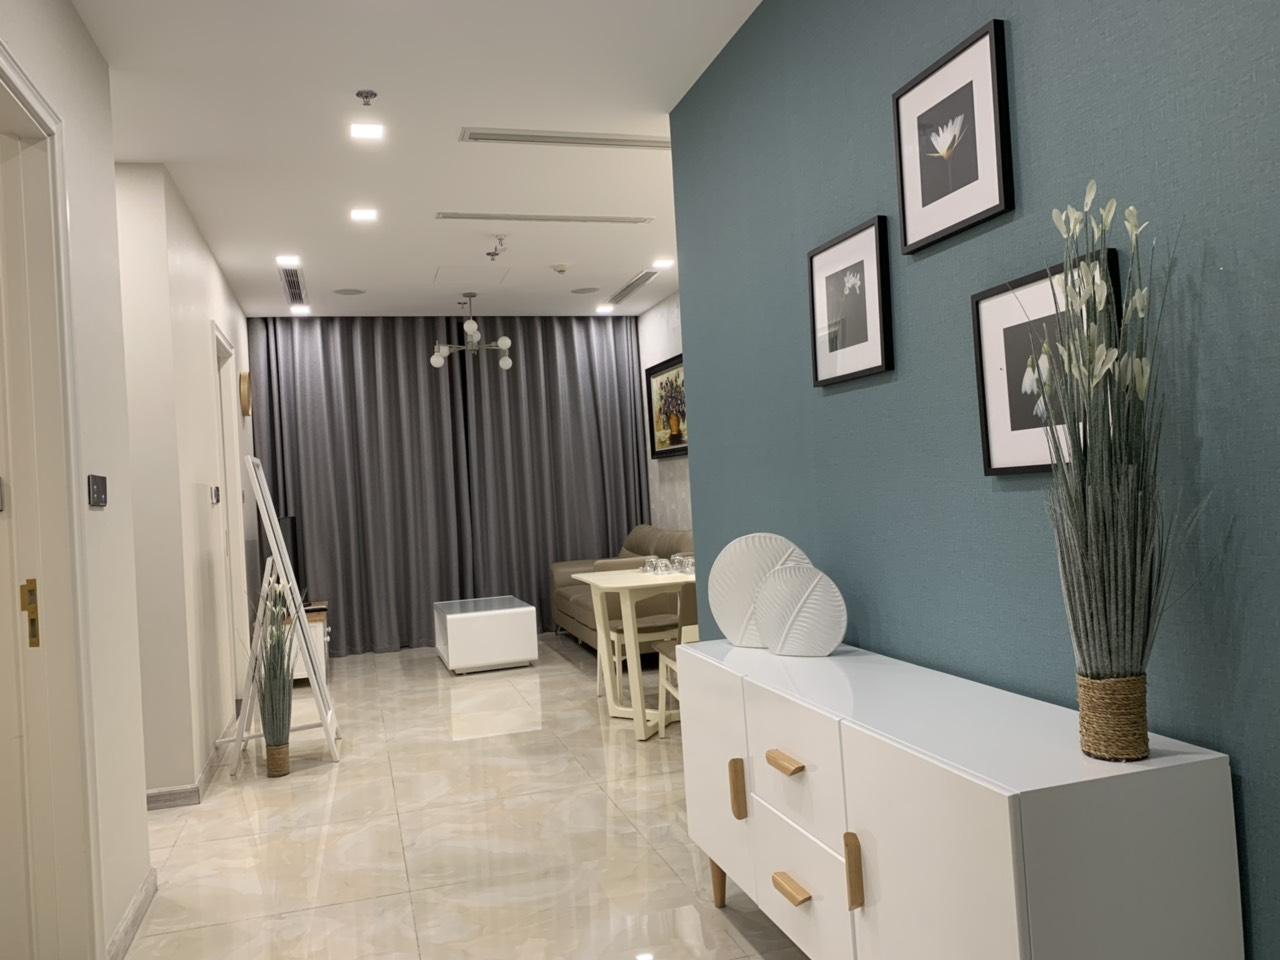 Cho thuê 2 phòng ngủ Vinhomes Golden river - ID 010116